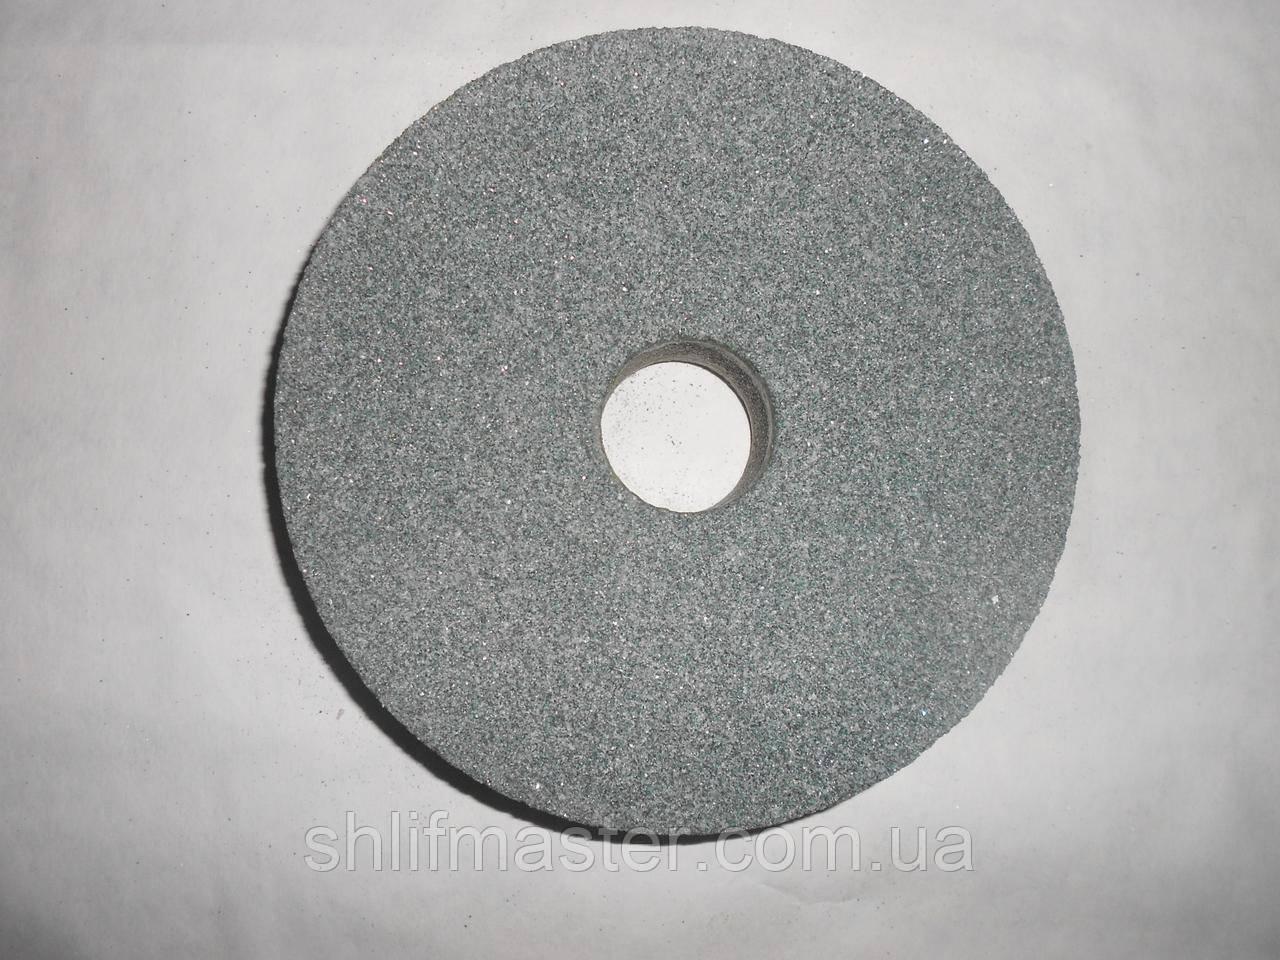 Круг абразивный шлифовальный из карбида кремния 64С (зеленый) 200х20х32 16-40 СМ-СТ